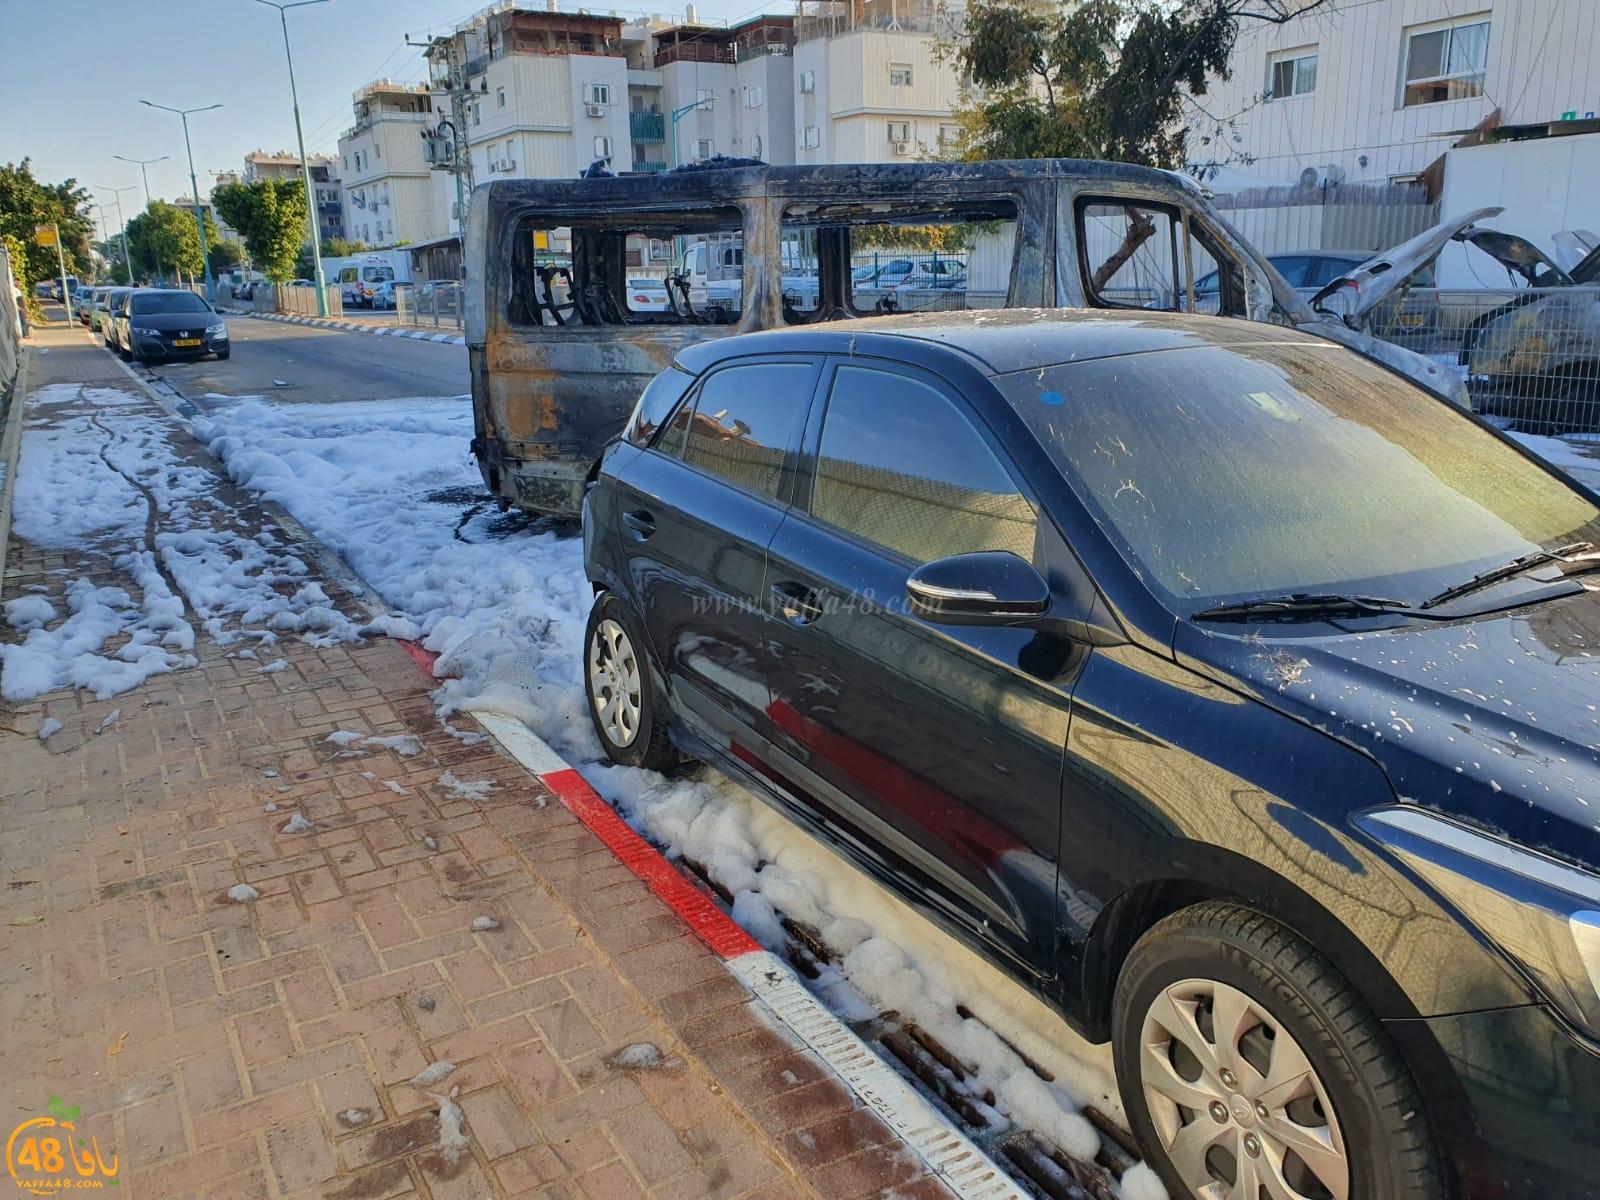 فيديو: حرق 4 سيارات في حي جني افيف بمدينة اللد